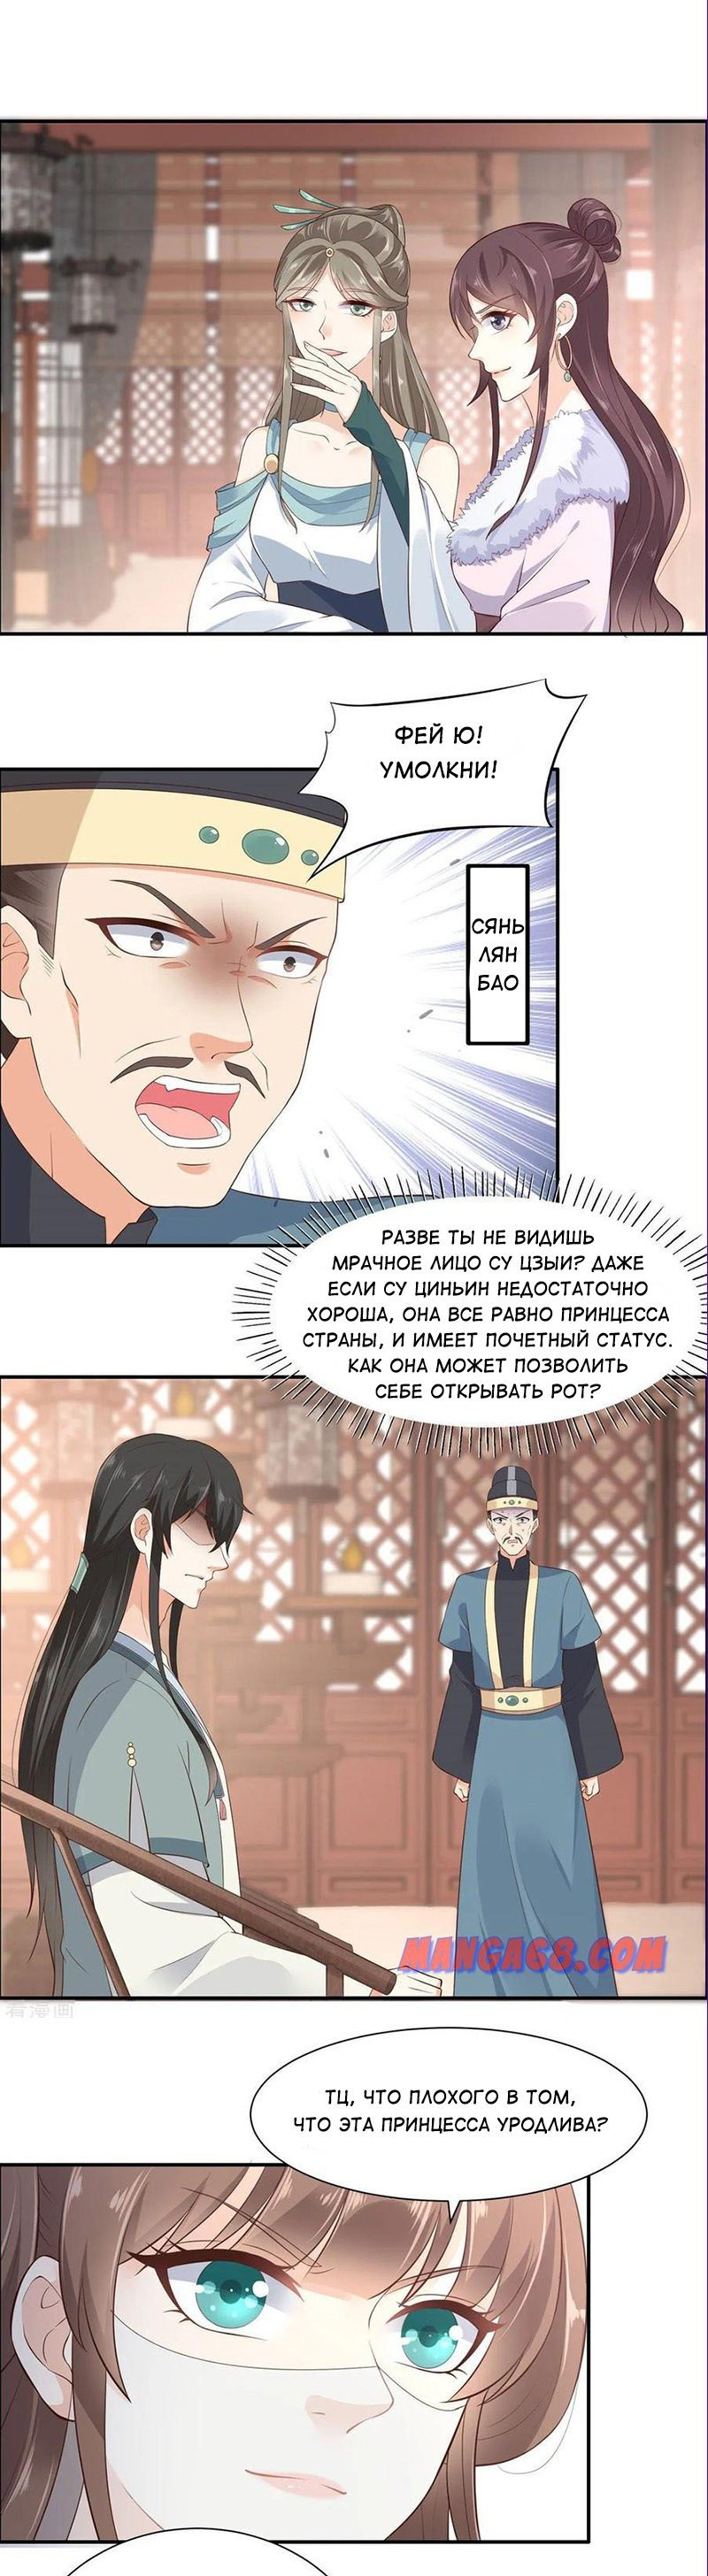 Манга Трофеи Королевы - Глава 20 Страница 1